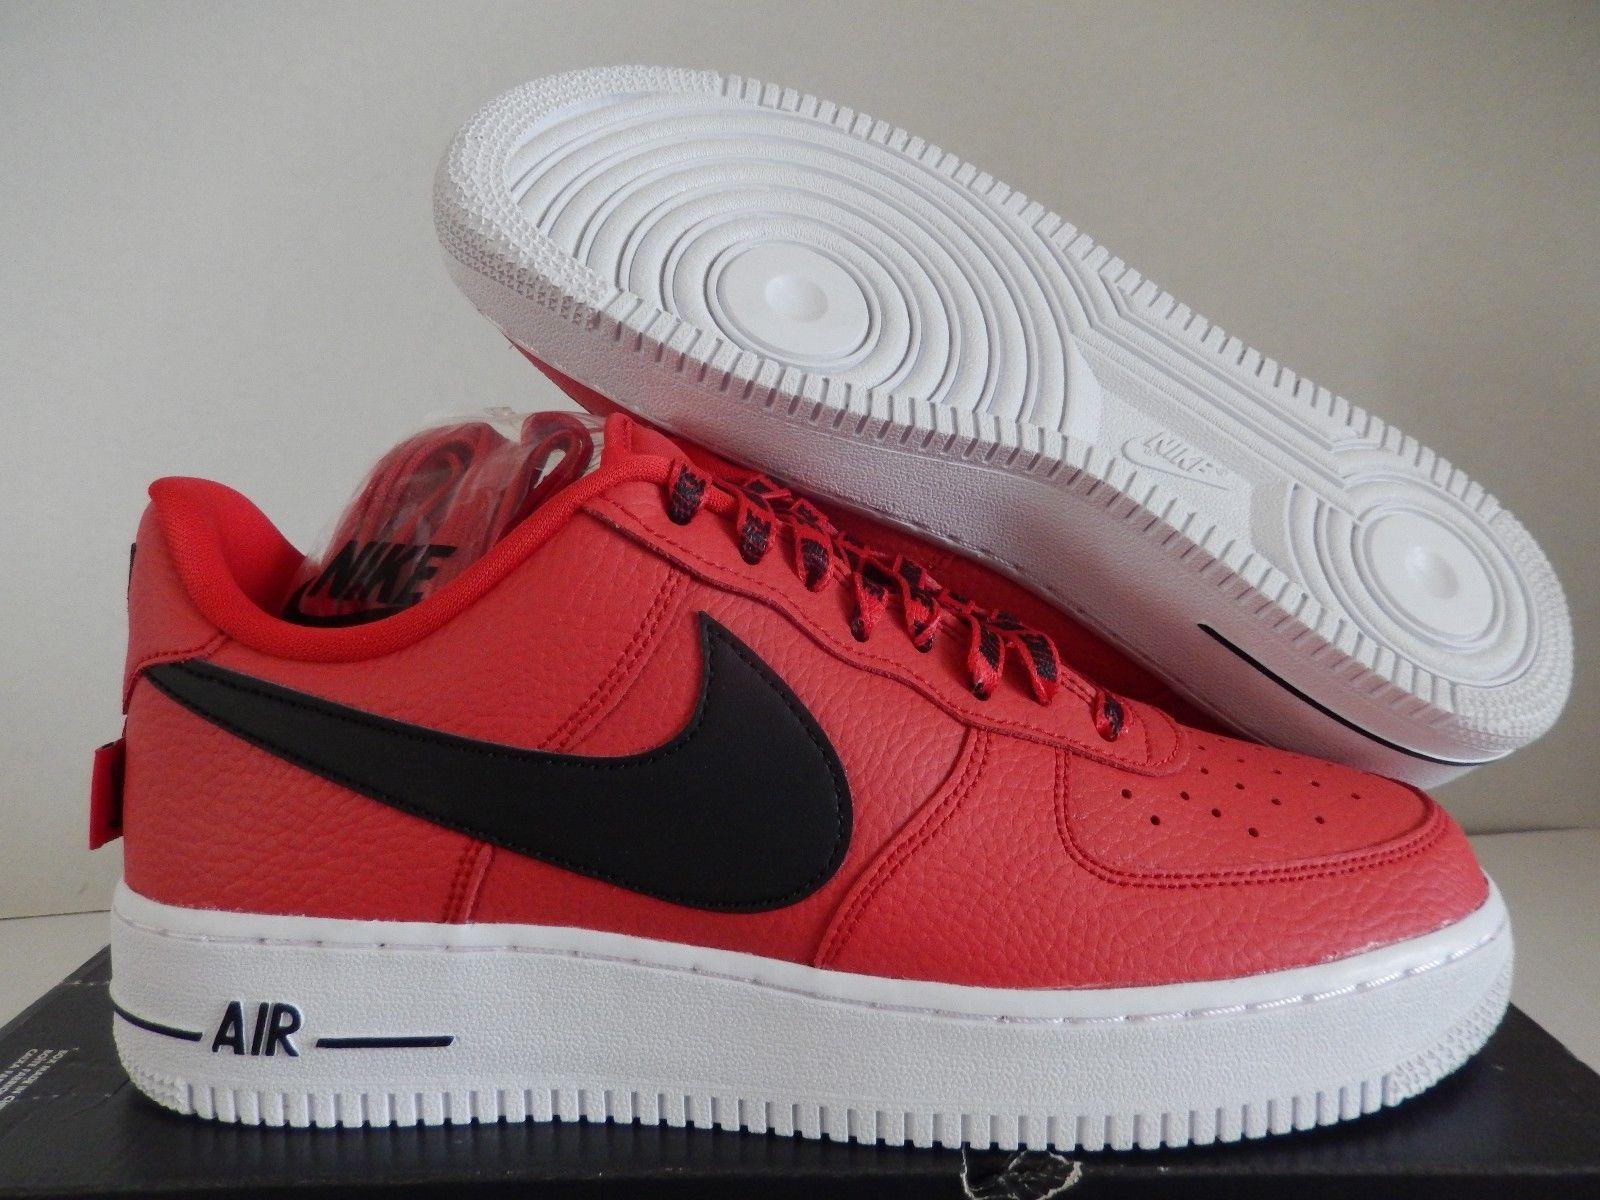 new product f9b69 cc2e1 NIKE NBA AIR FORCE 1 07 LV8 UNI RED BLACK WHITE MEN SNEAKER 823511 604